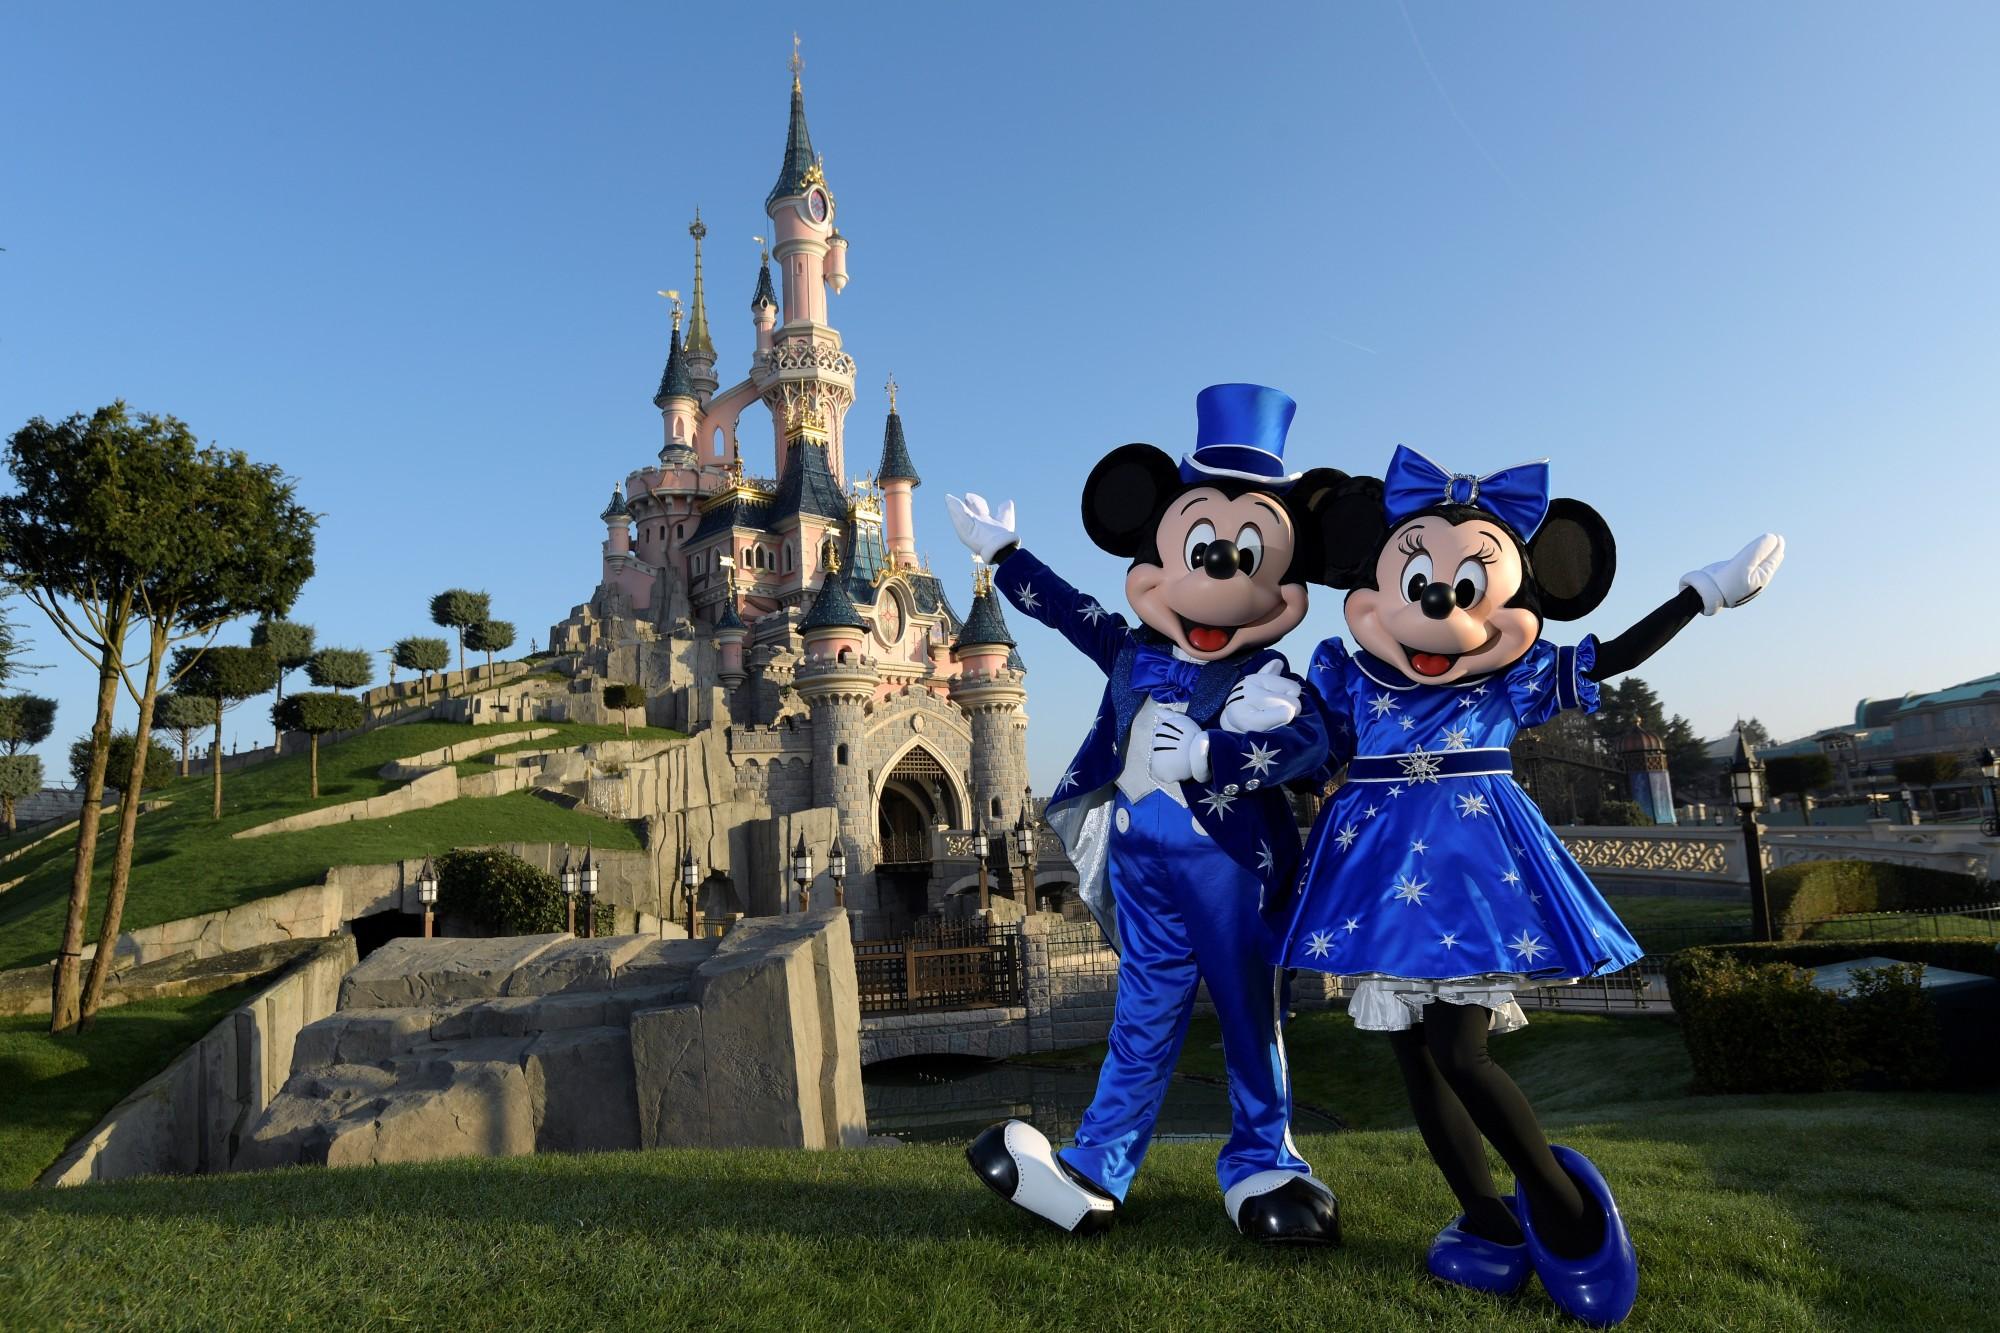 Disneyland Paris : un espoir de réouverture prochainement ?